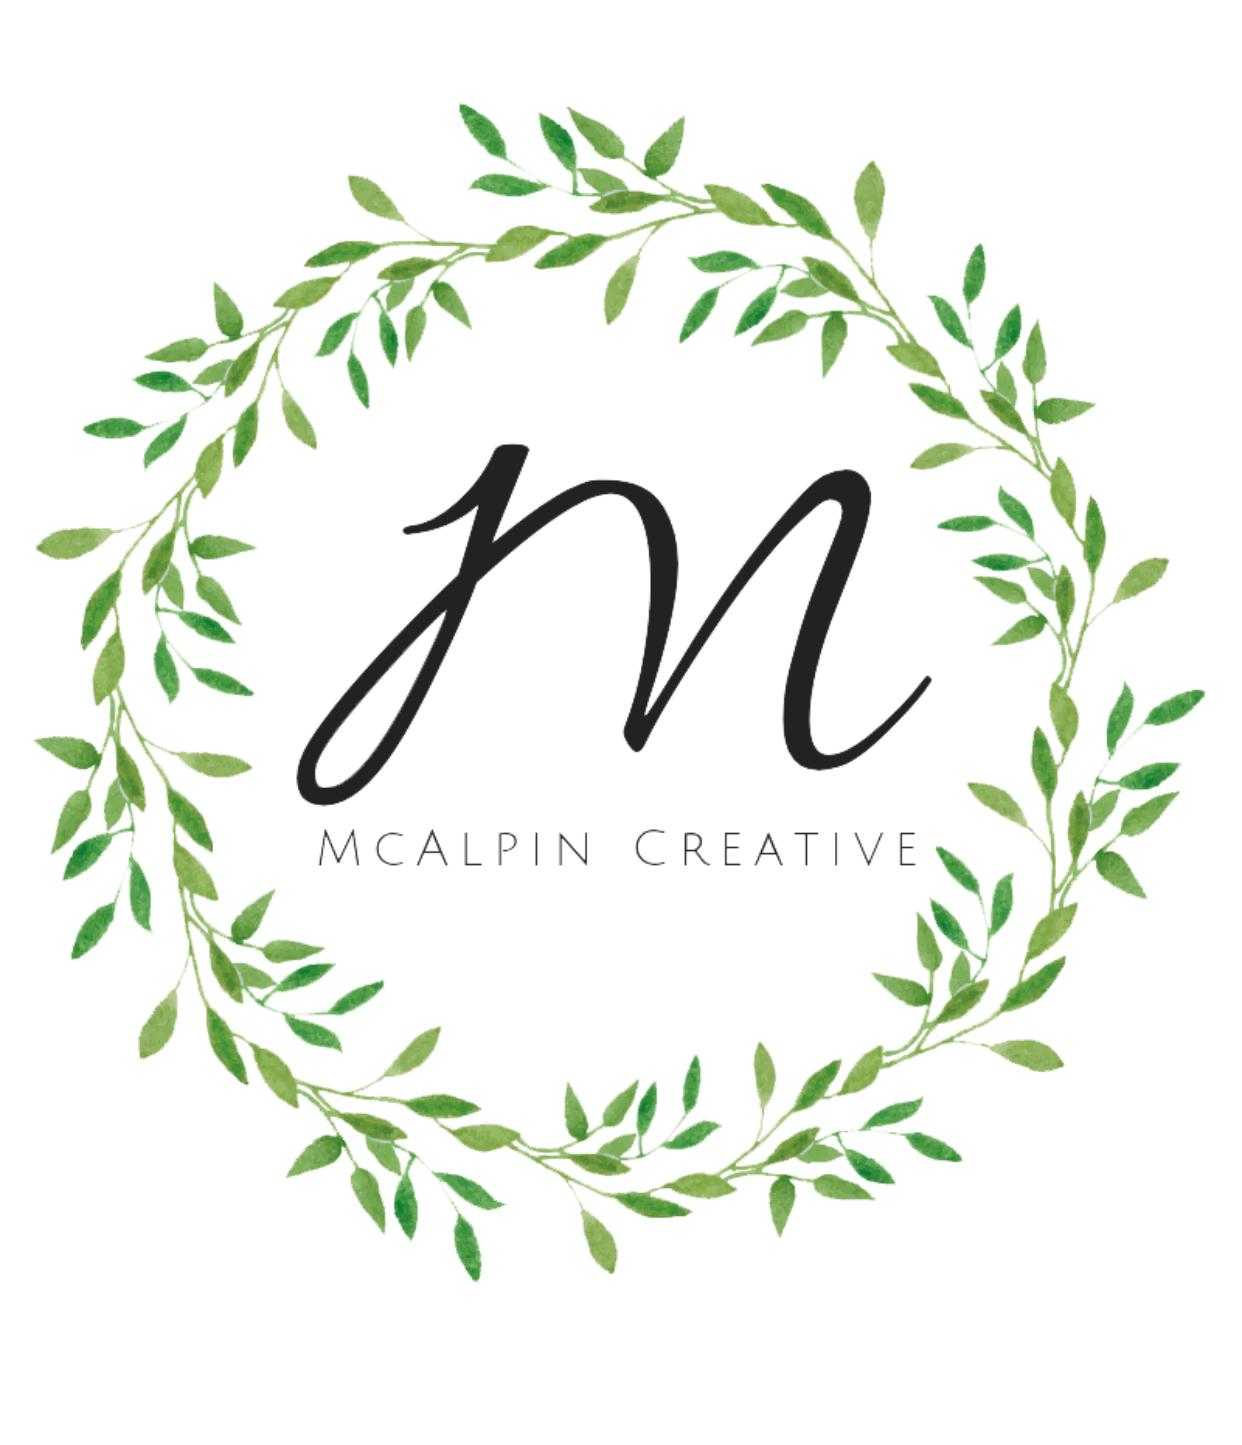 Mcalpin creative logo.jpeg